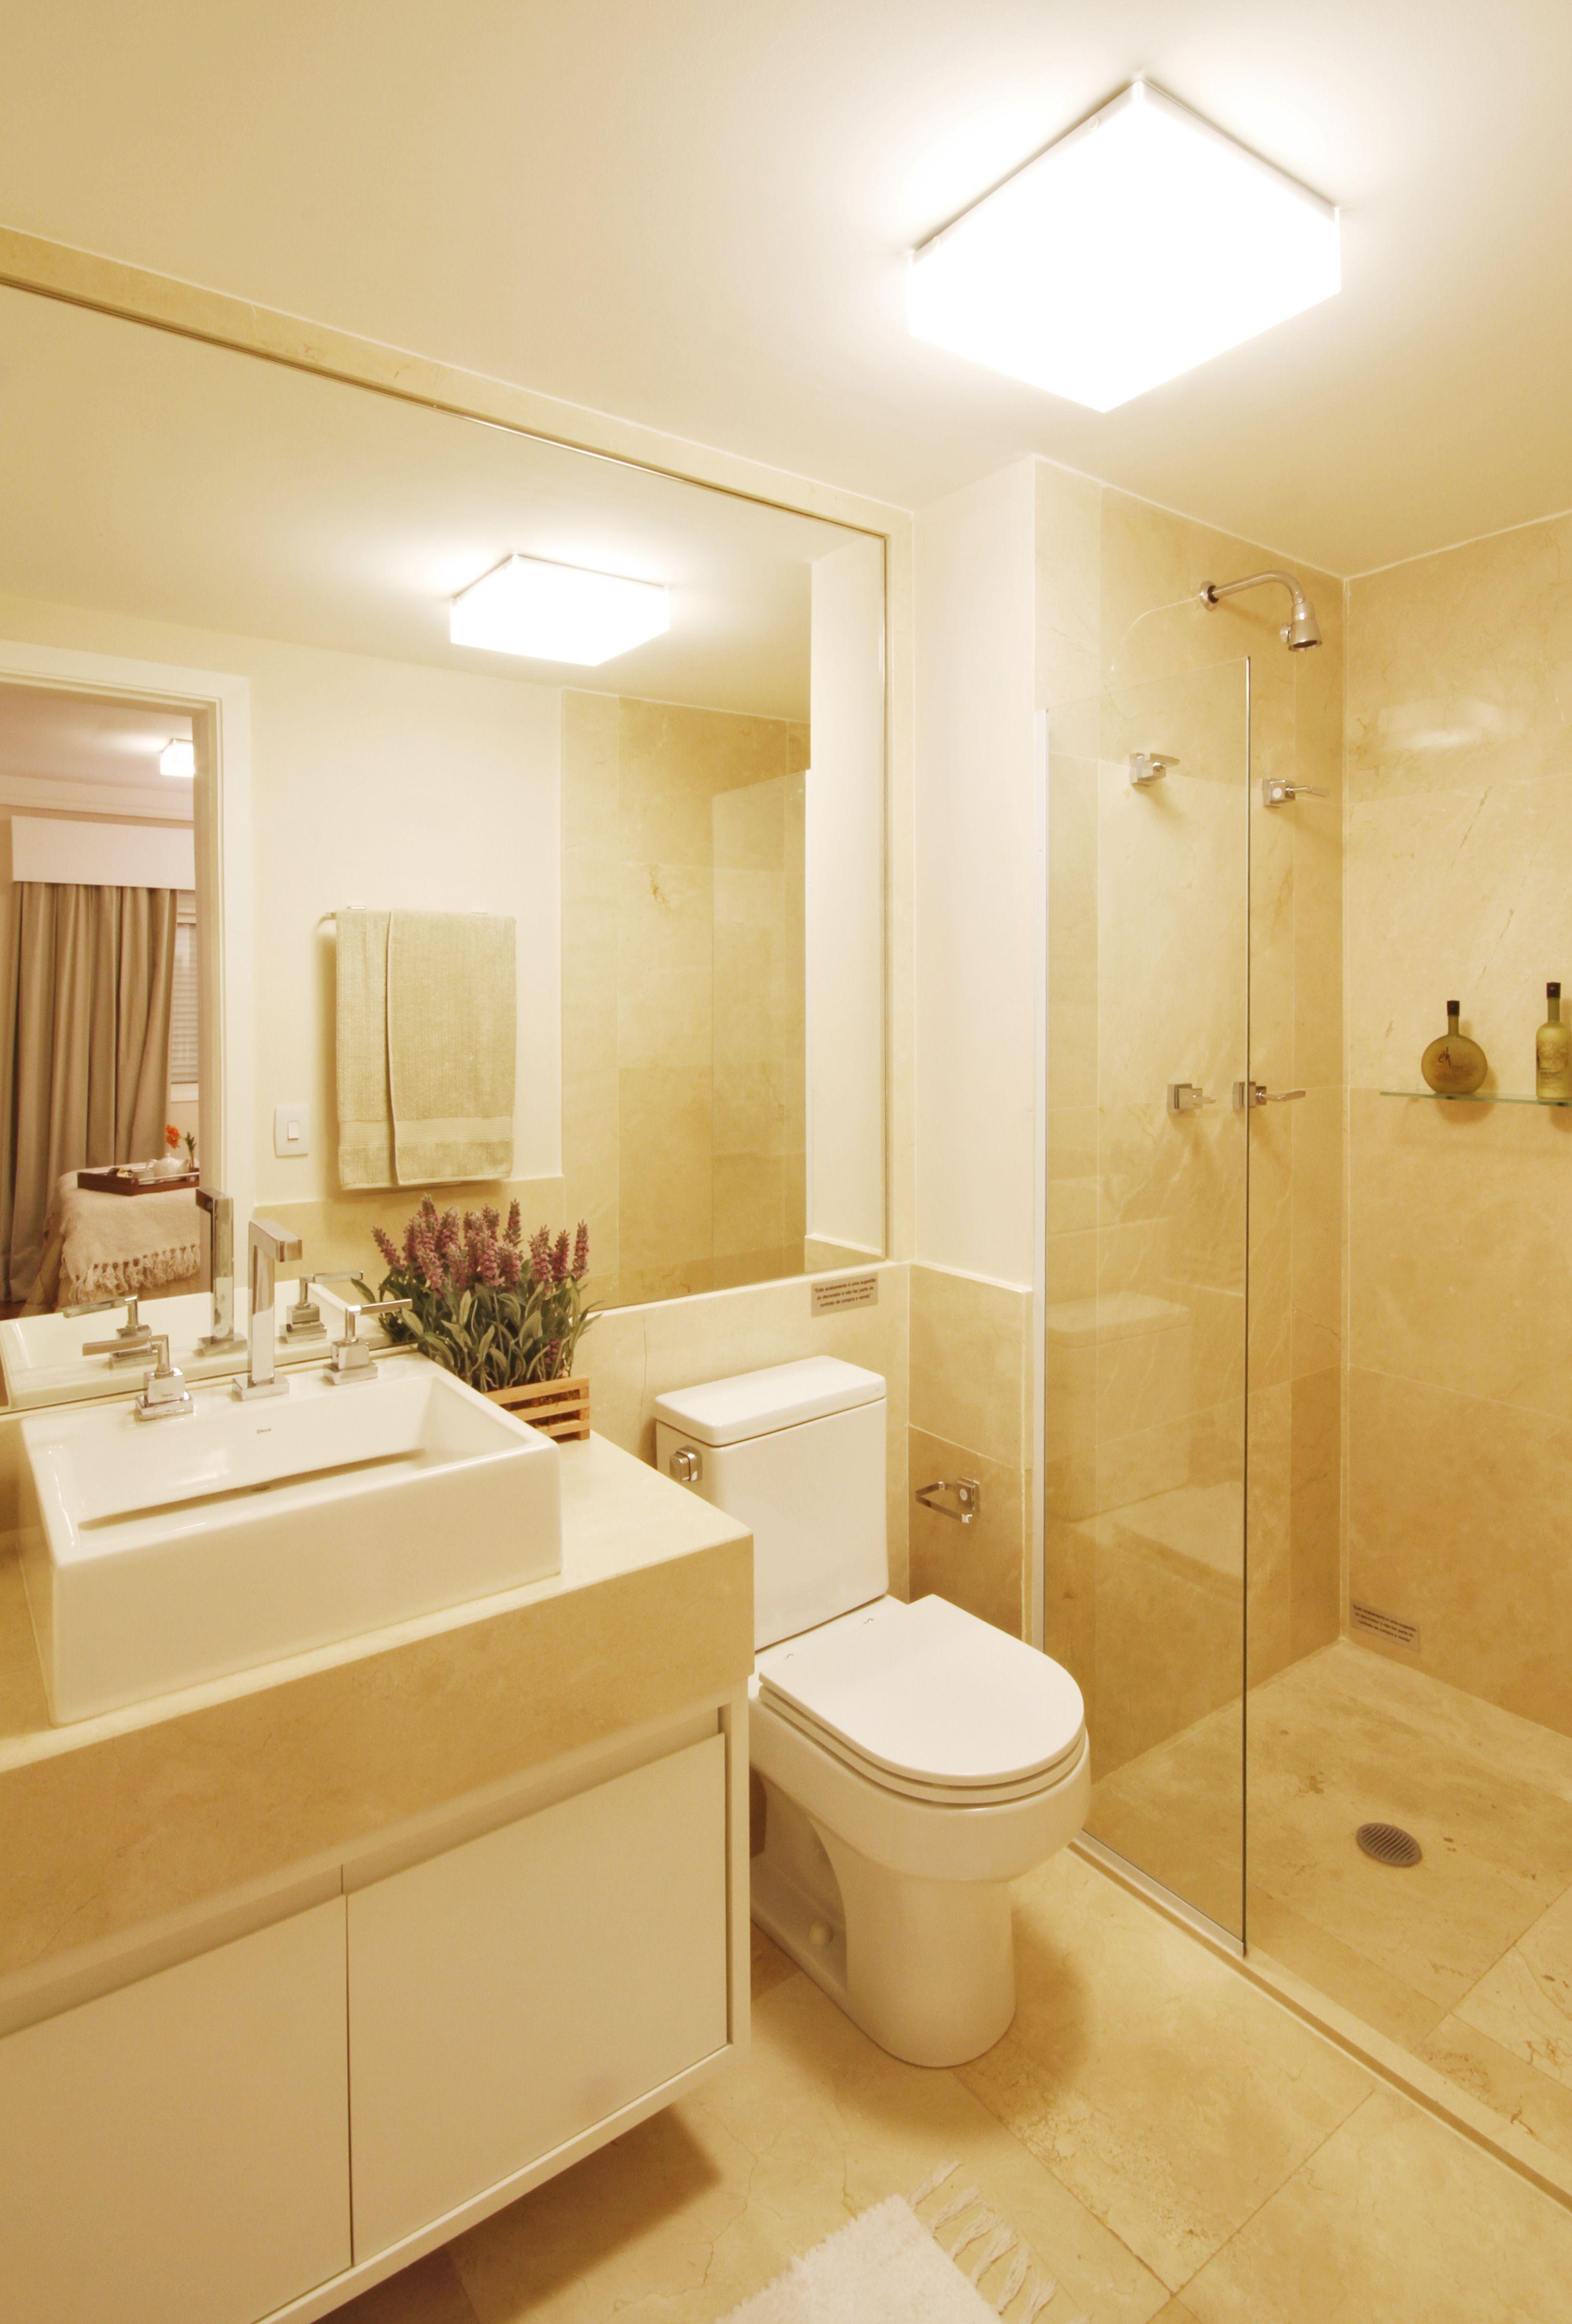 Banheiros Revestidos Simples : As cores claras com acabamentos sofisticados podem e devem